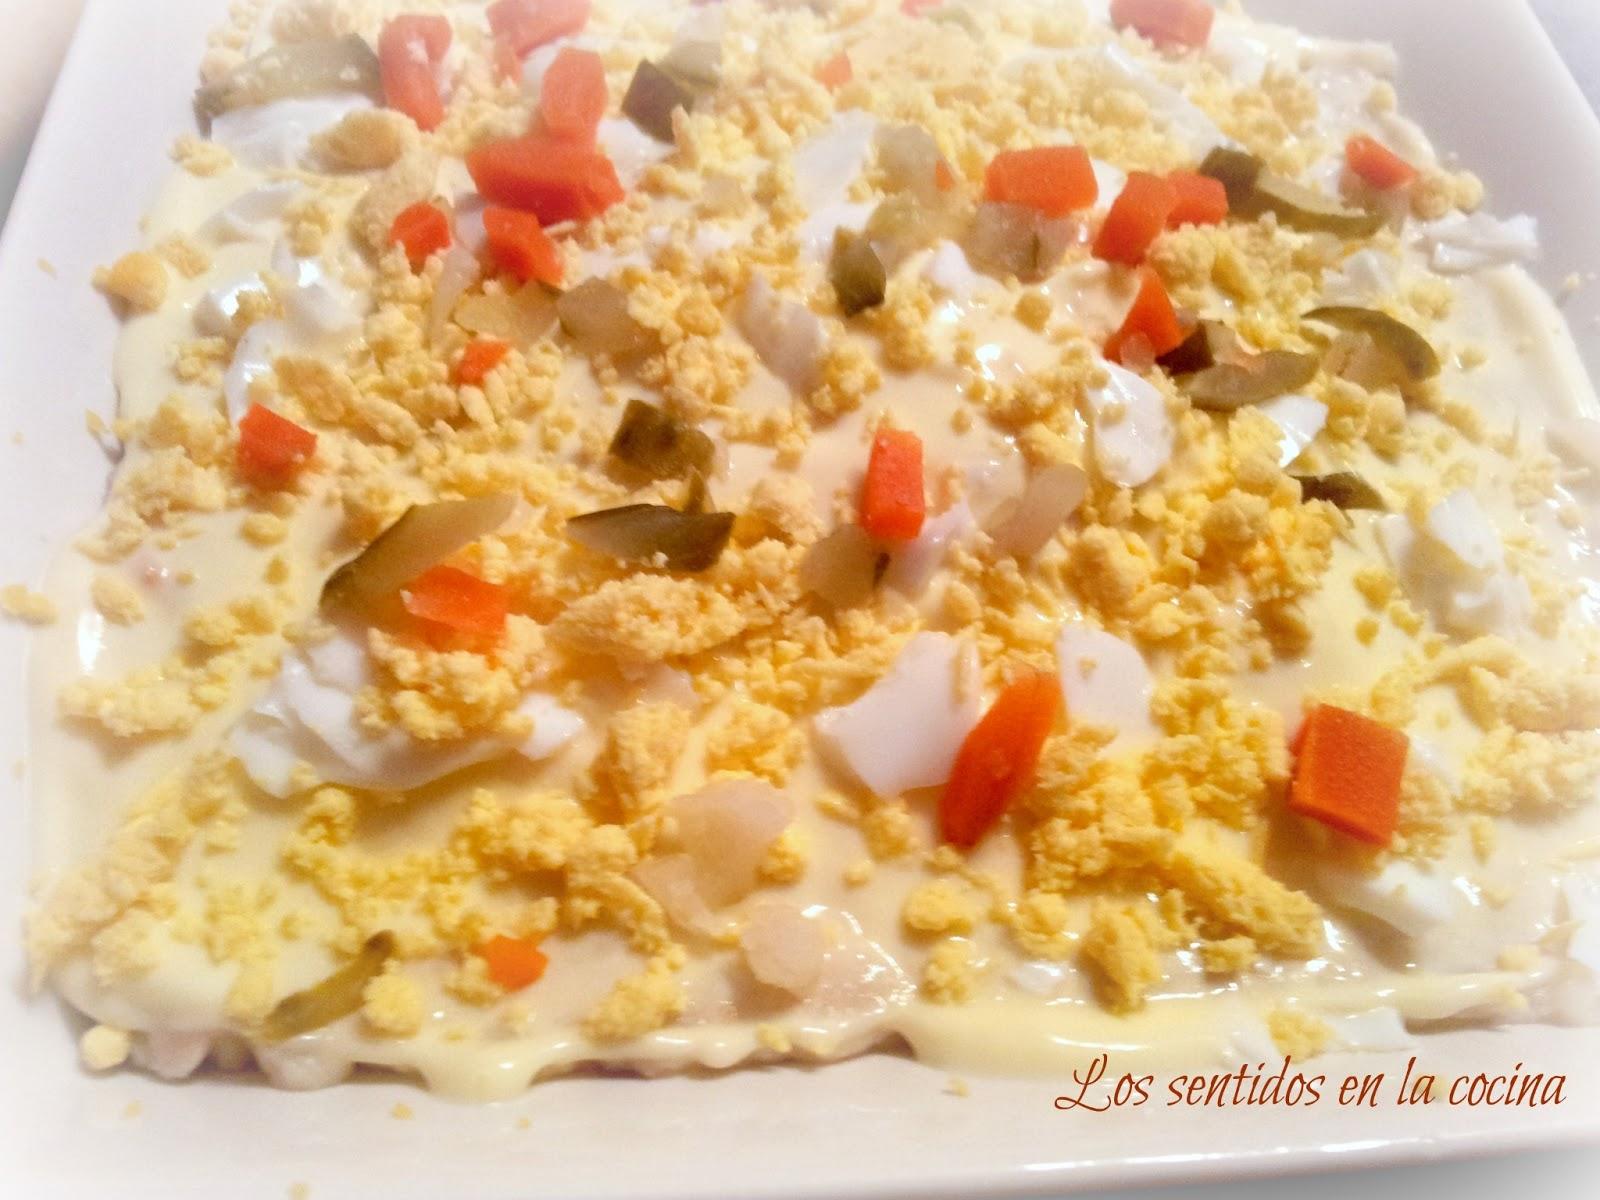 Los sentidos en la cocina: ENSALADILLA RUSA1600